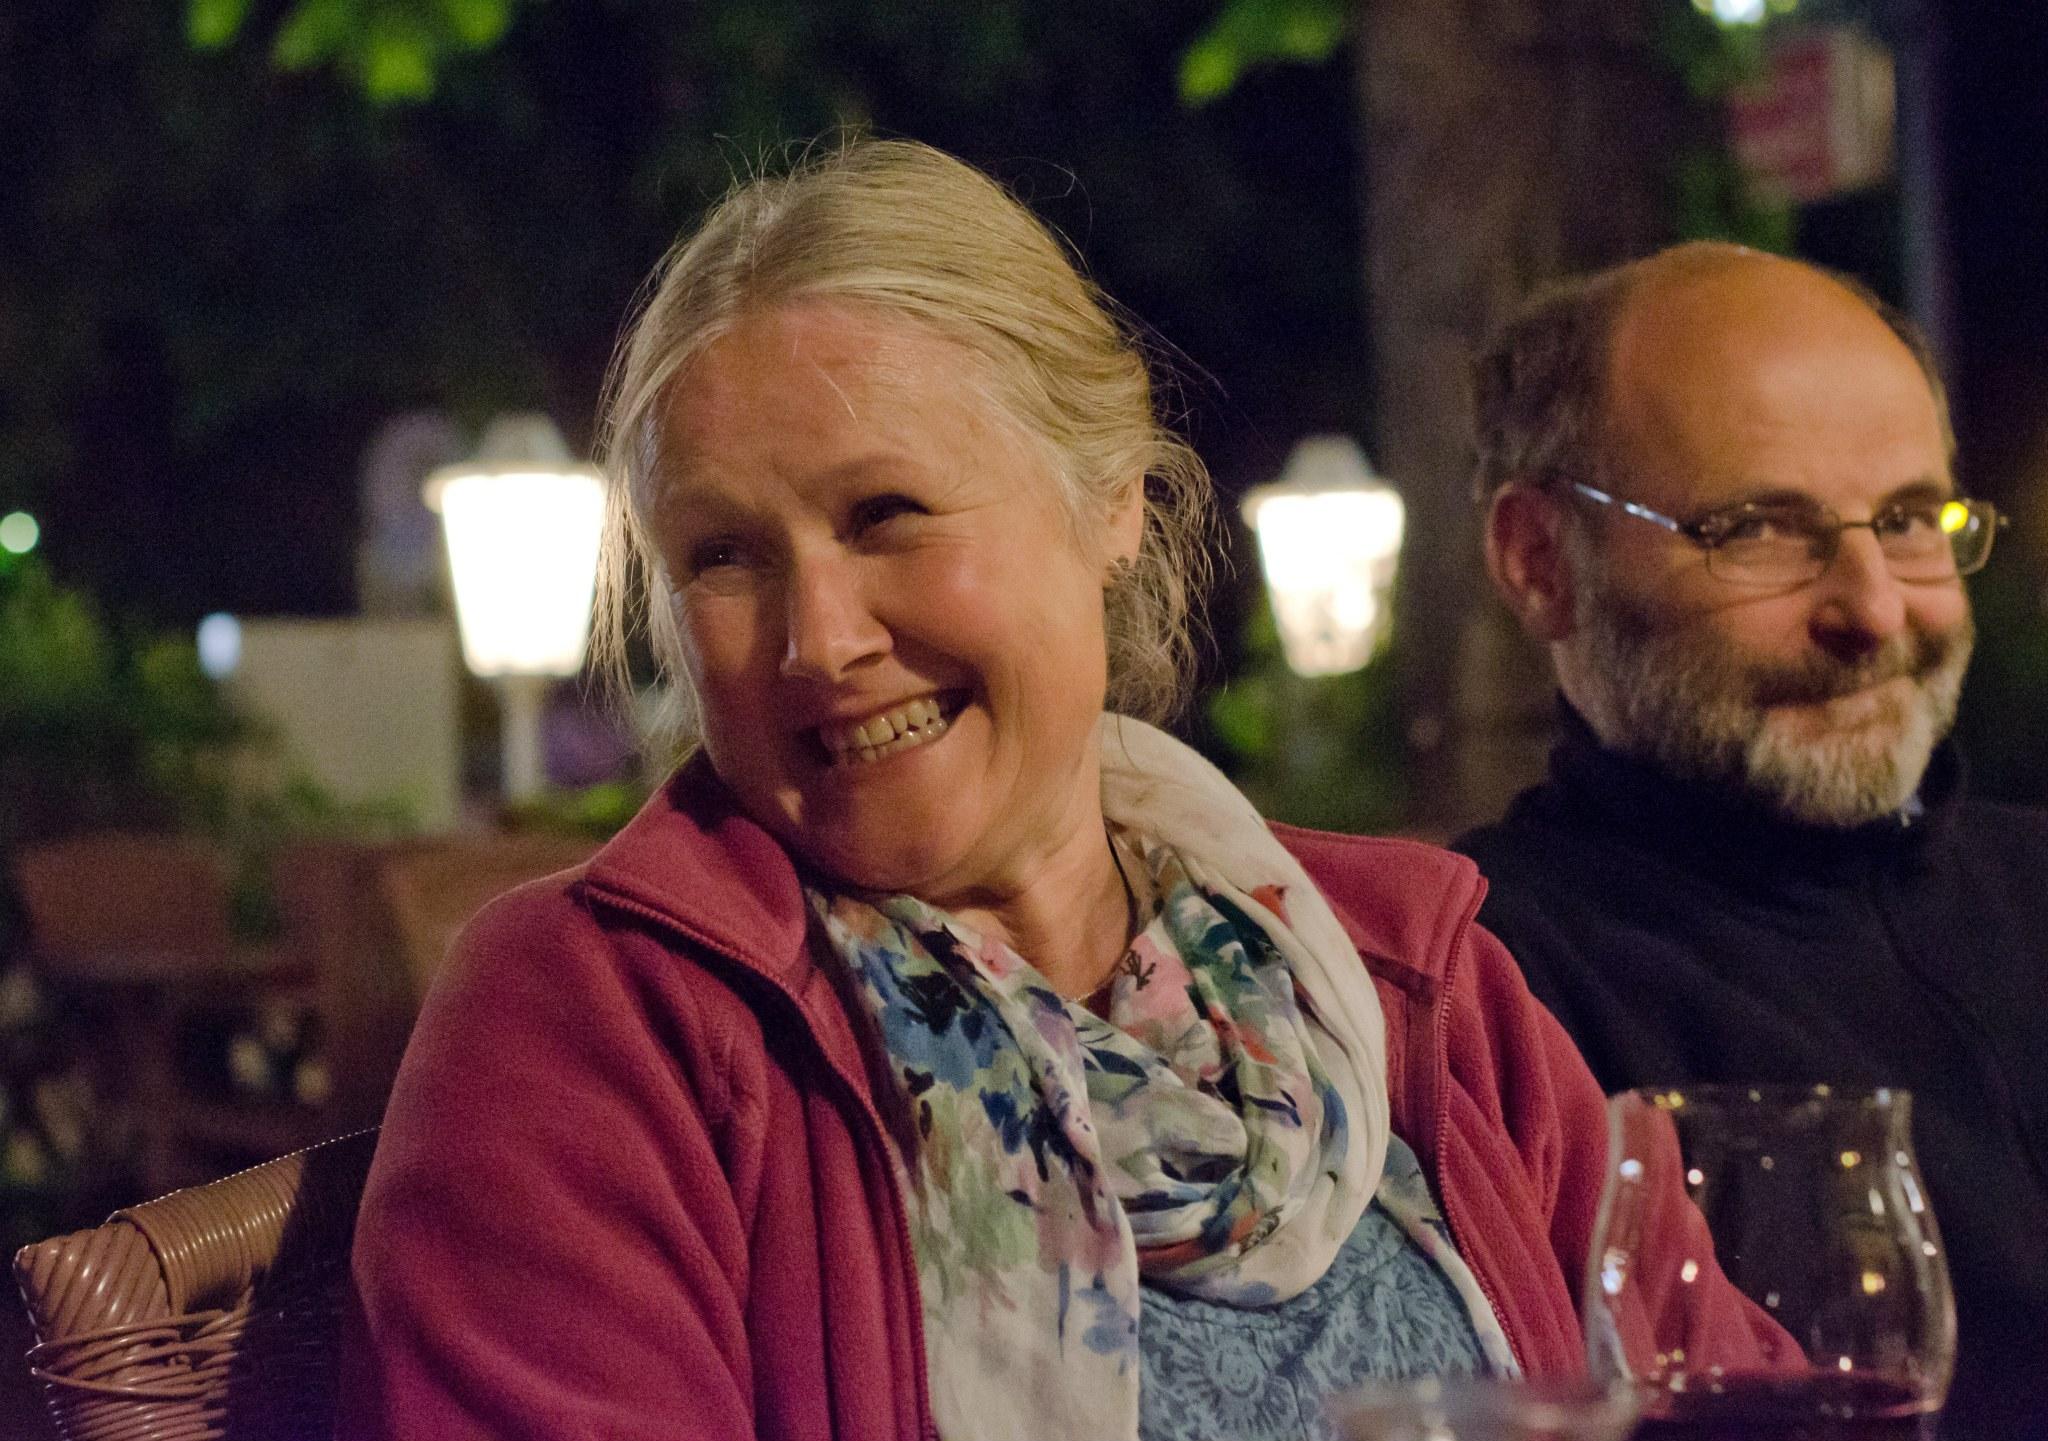 Carole at Piaggio